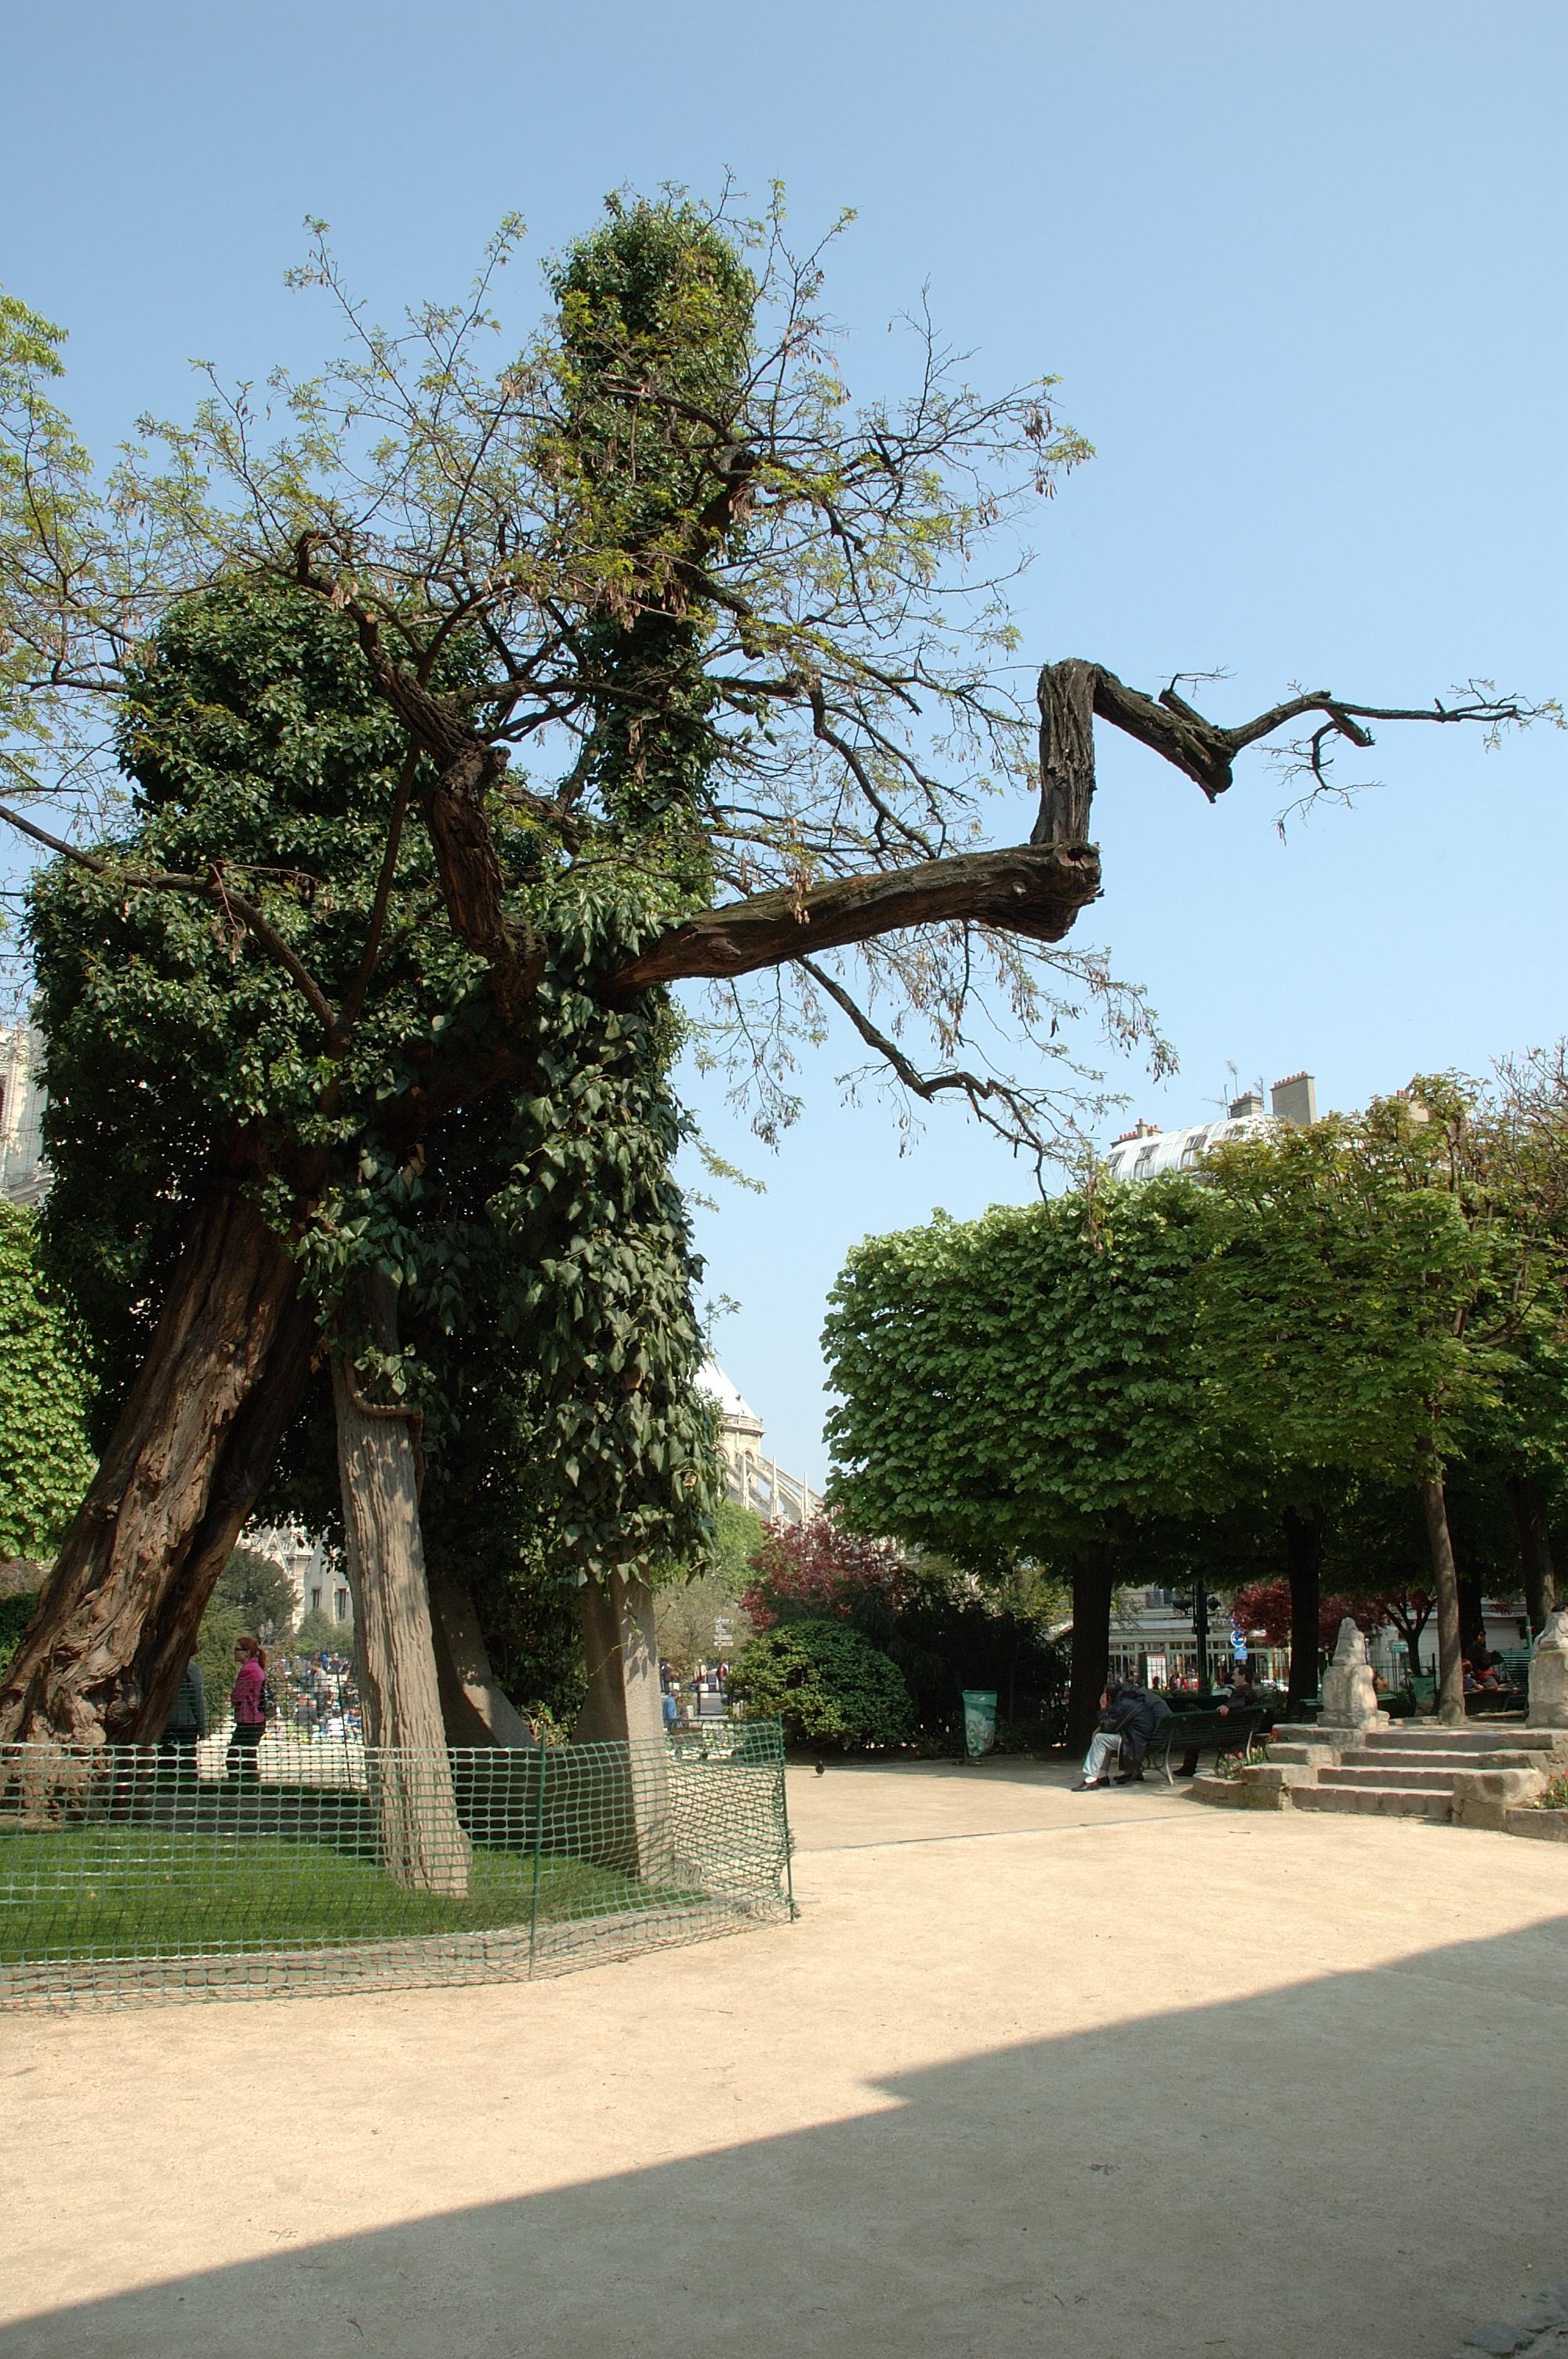 Le robinier du square René-Viviani, un des plus vieux arbres de Paris dans le Square René-Viviani - Montebello.jpg